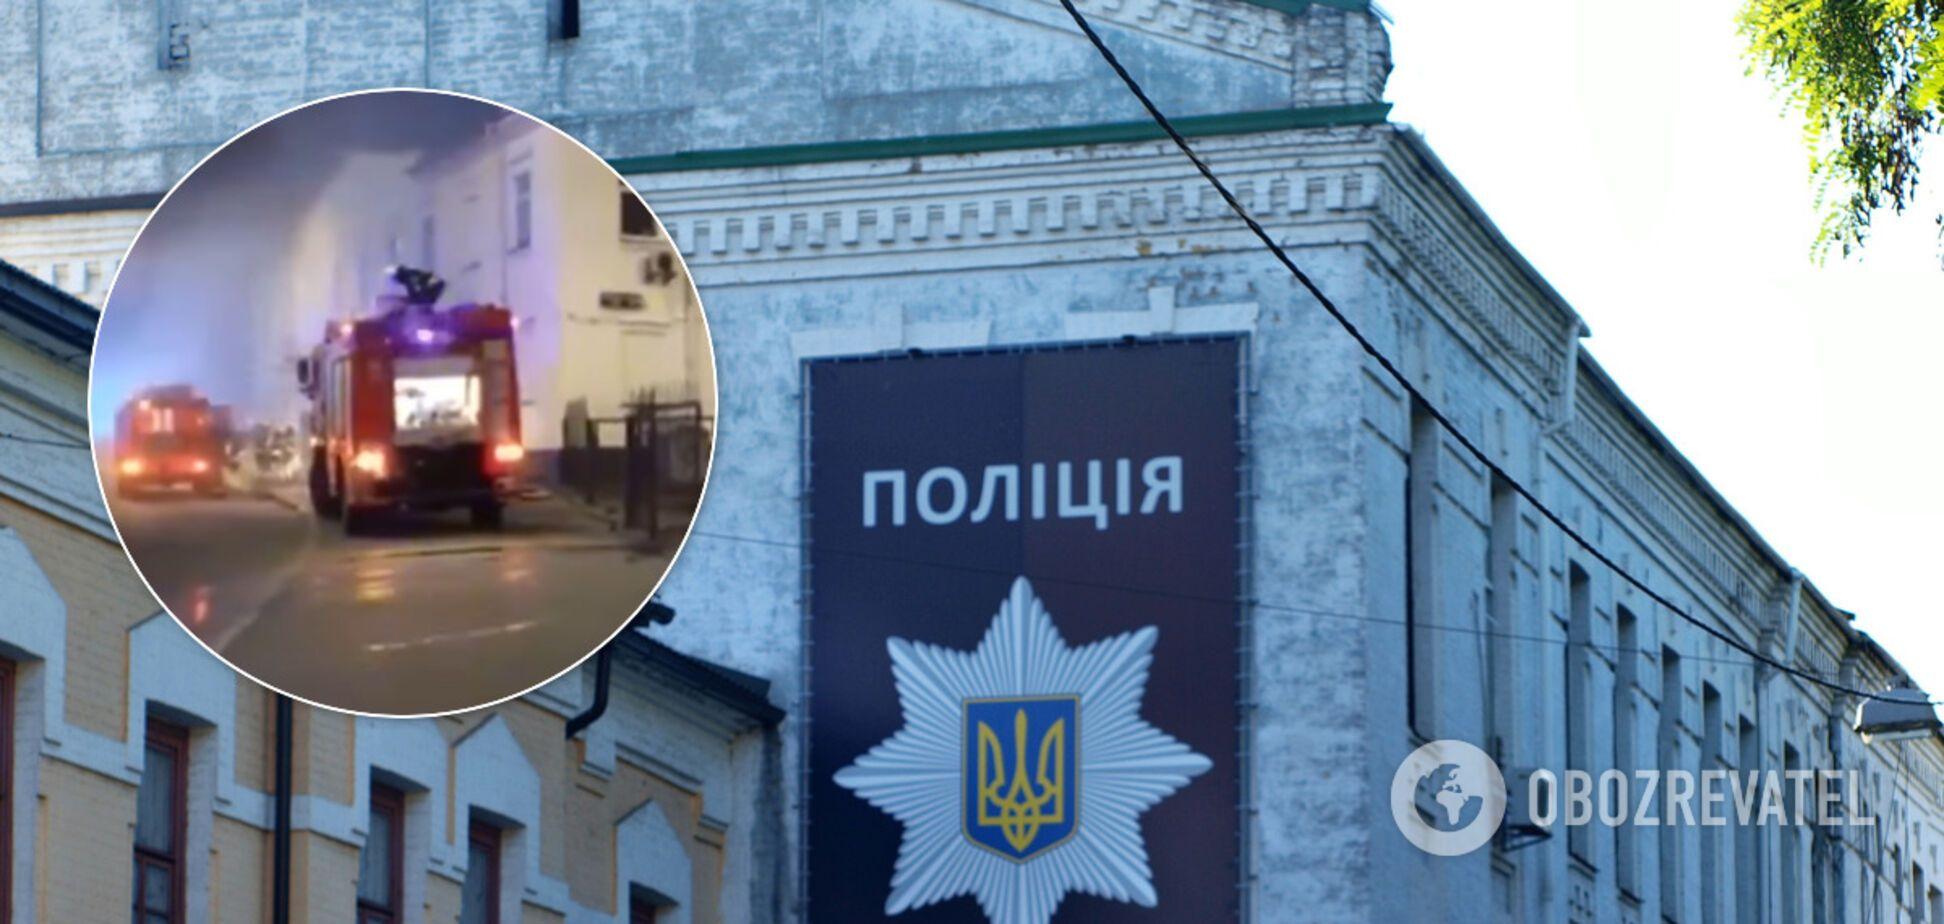 У Києві ледь не згоріла будівля ГСУ Нацполіції: під загрозою резонансні справи. Відео